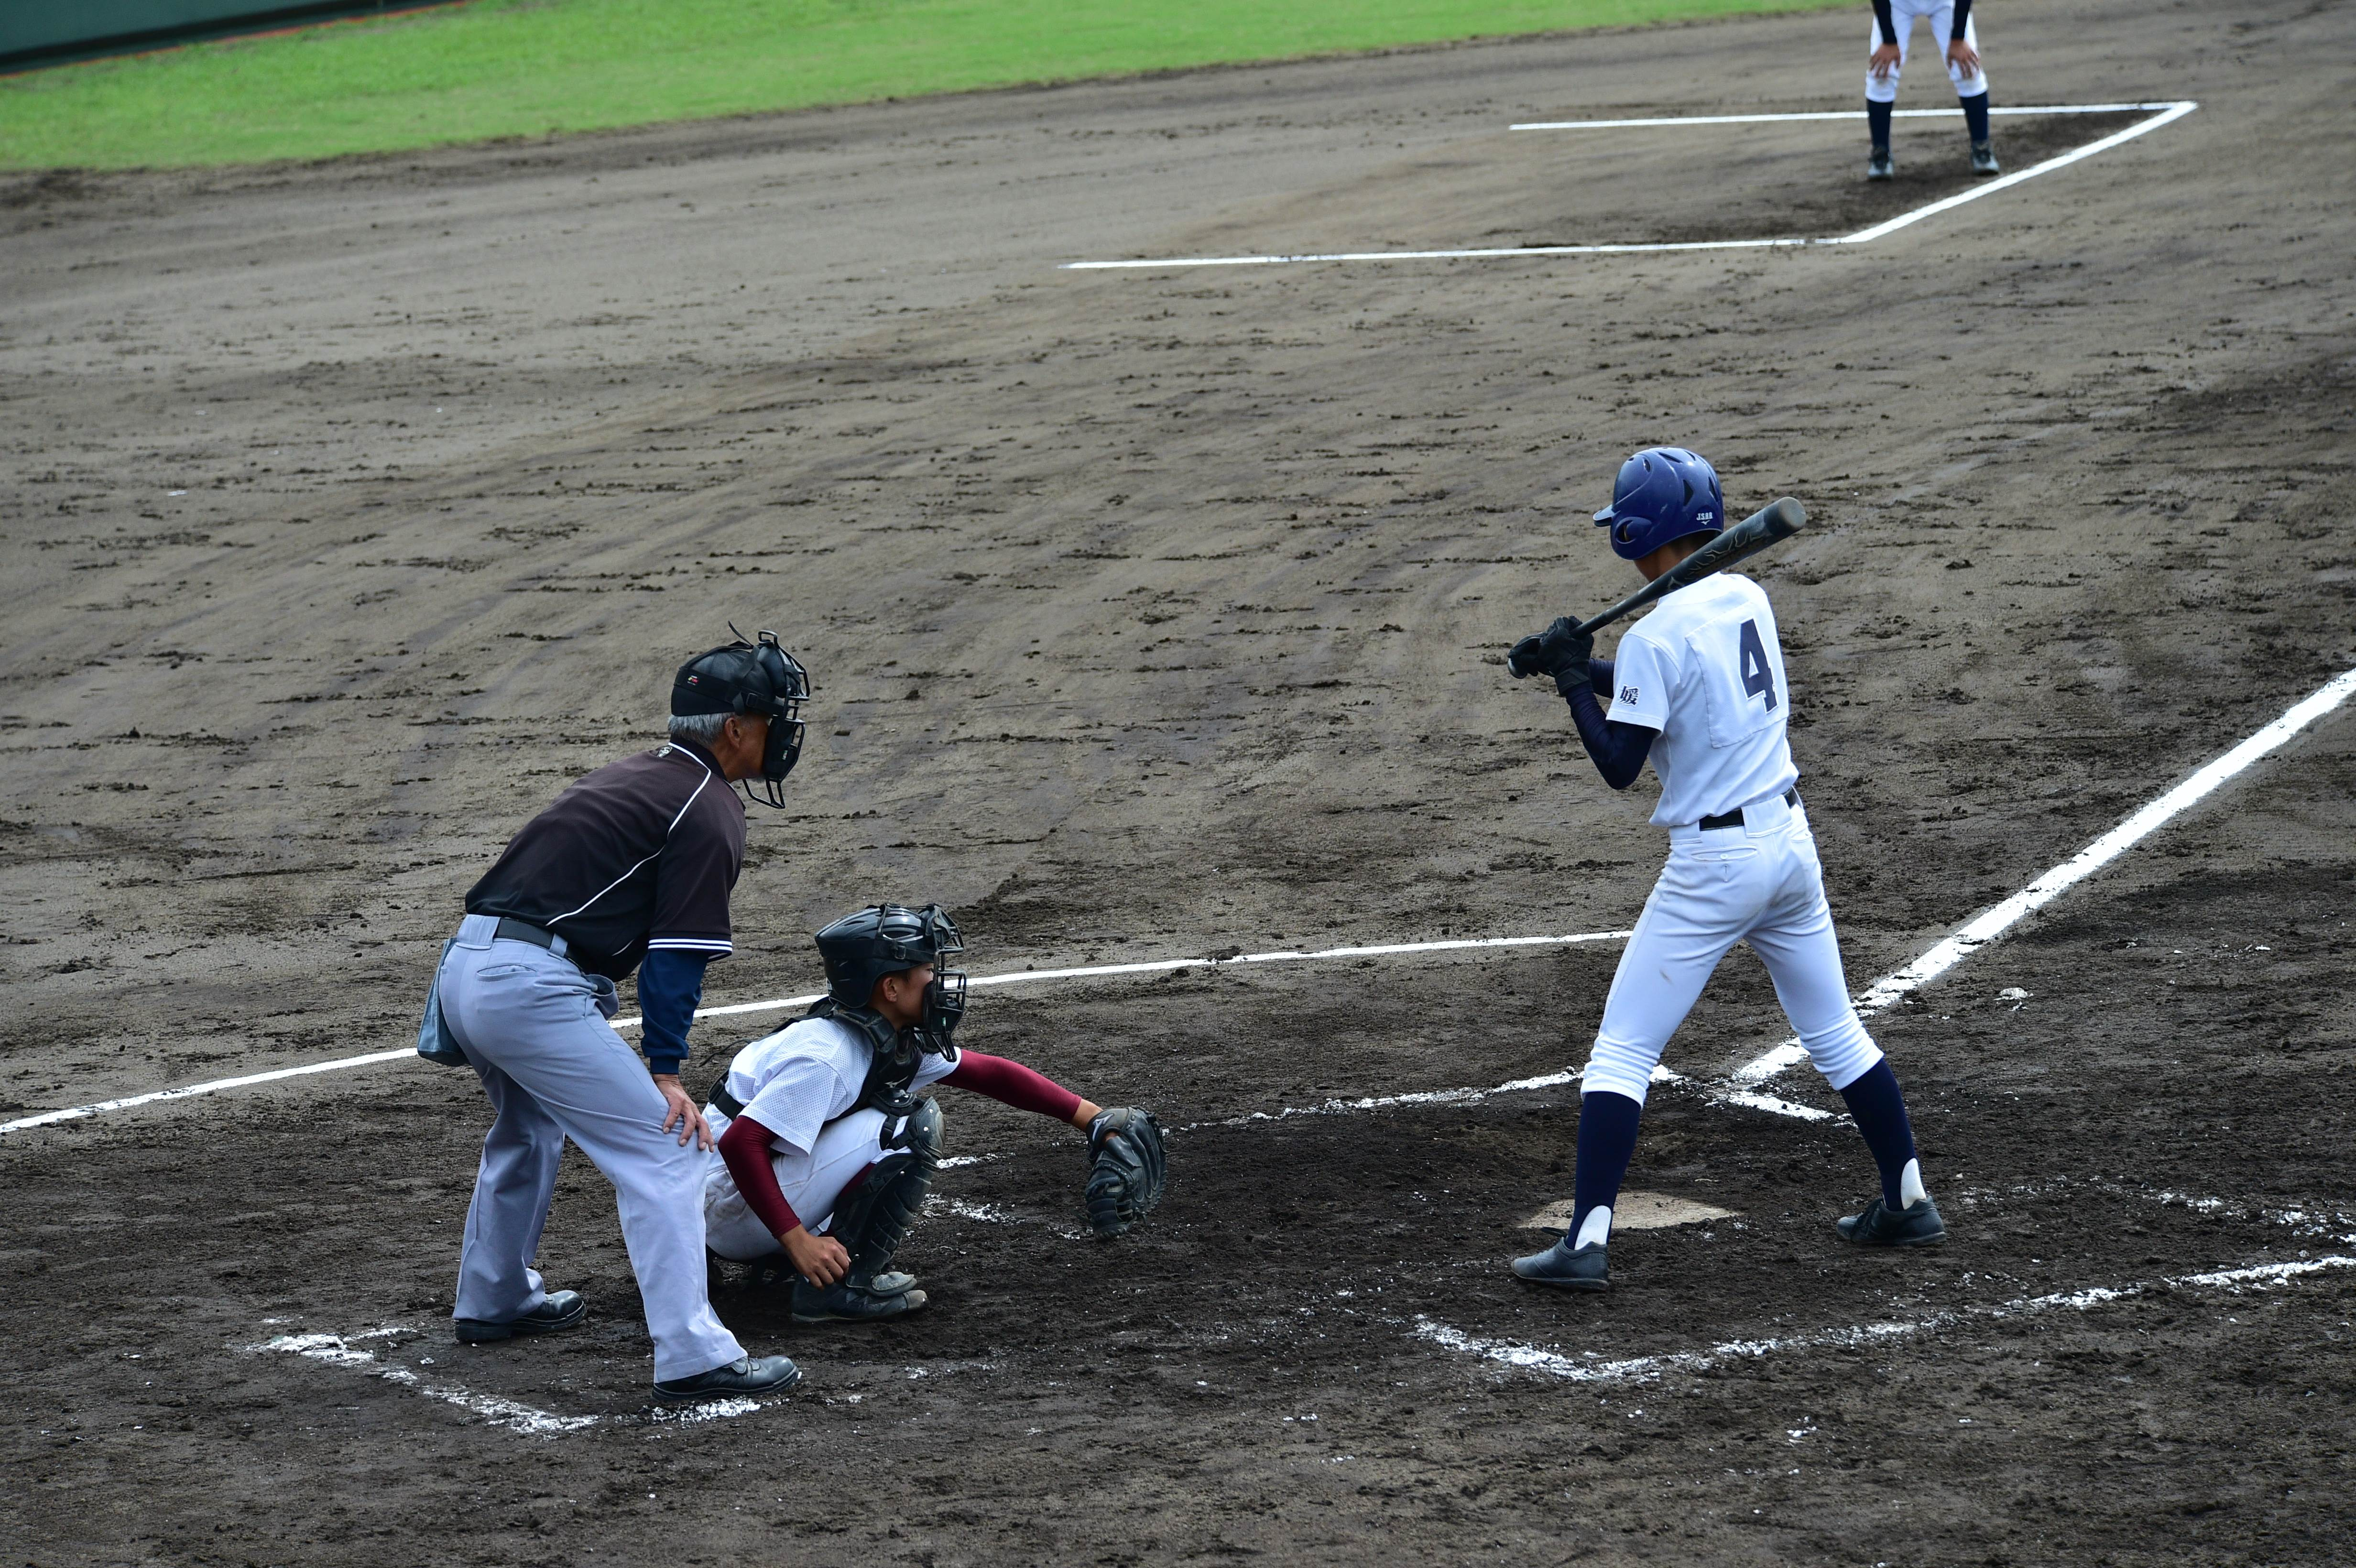 軟式野球 (129)